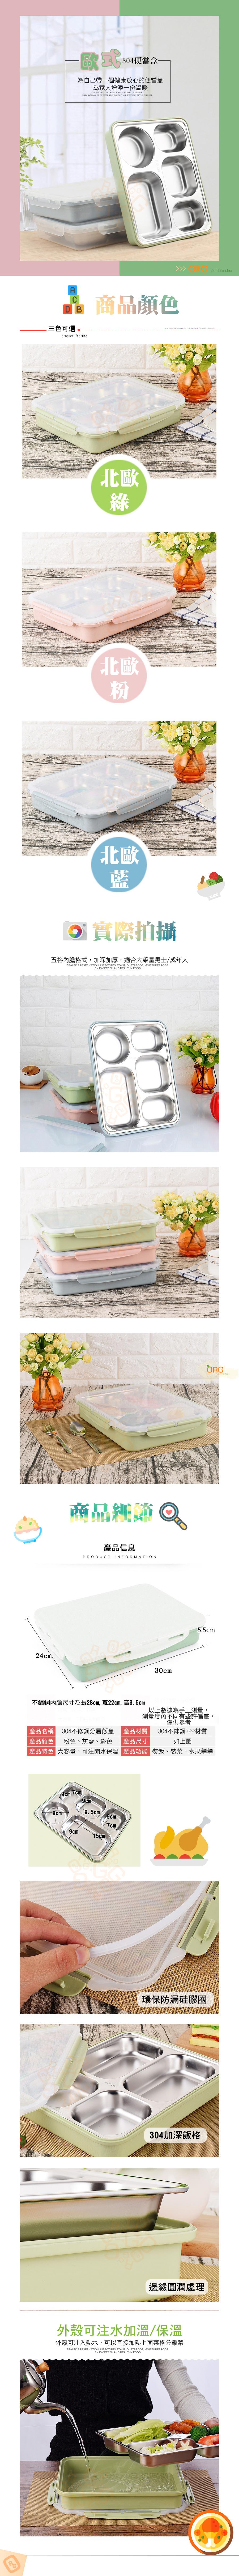 ORG《SD1012》304不鏽鋼~ 可微波 五格 便當盒 野餐盒 餐盒 露營 餐盤 環保餐盒 不鏽鋼餐具 不鏽鋼餐盒 1